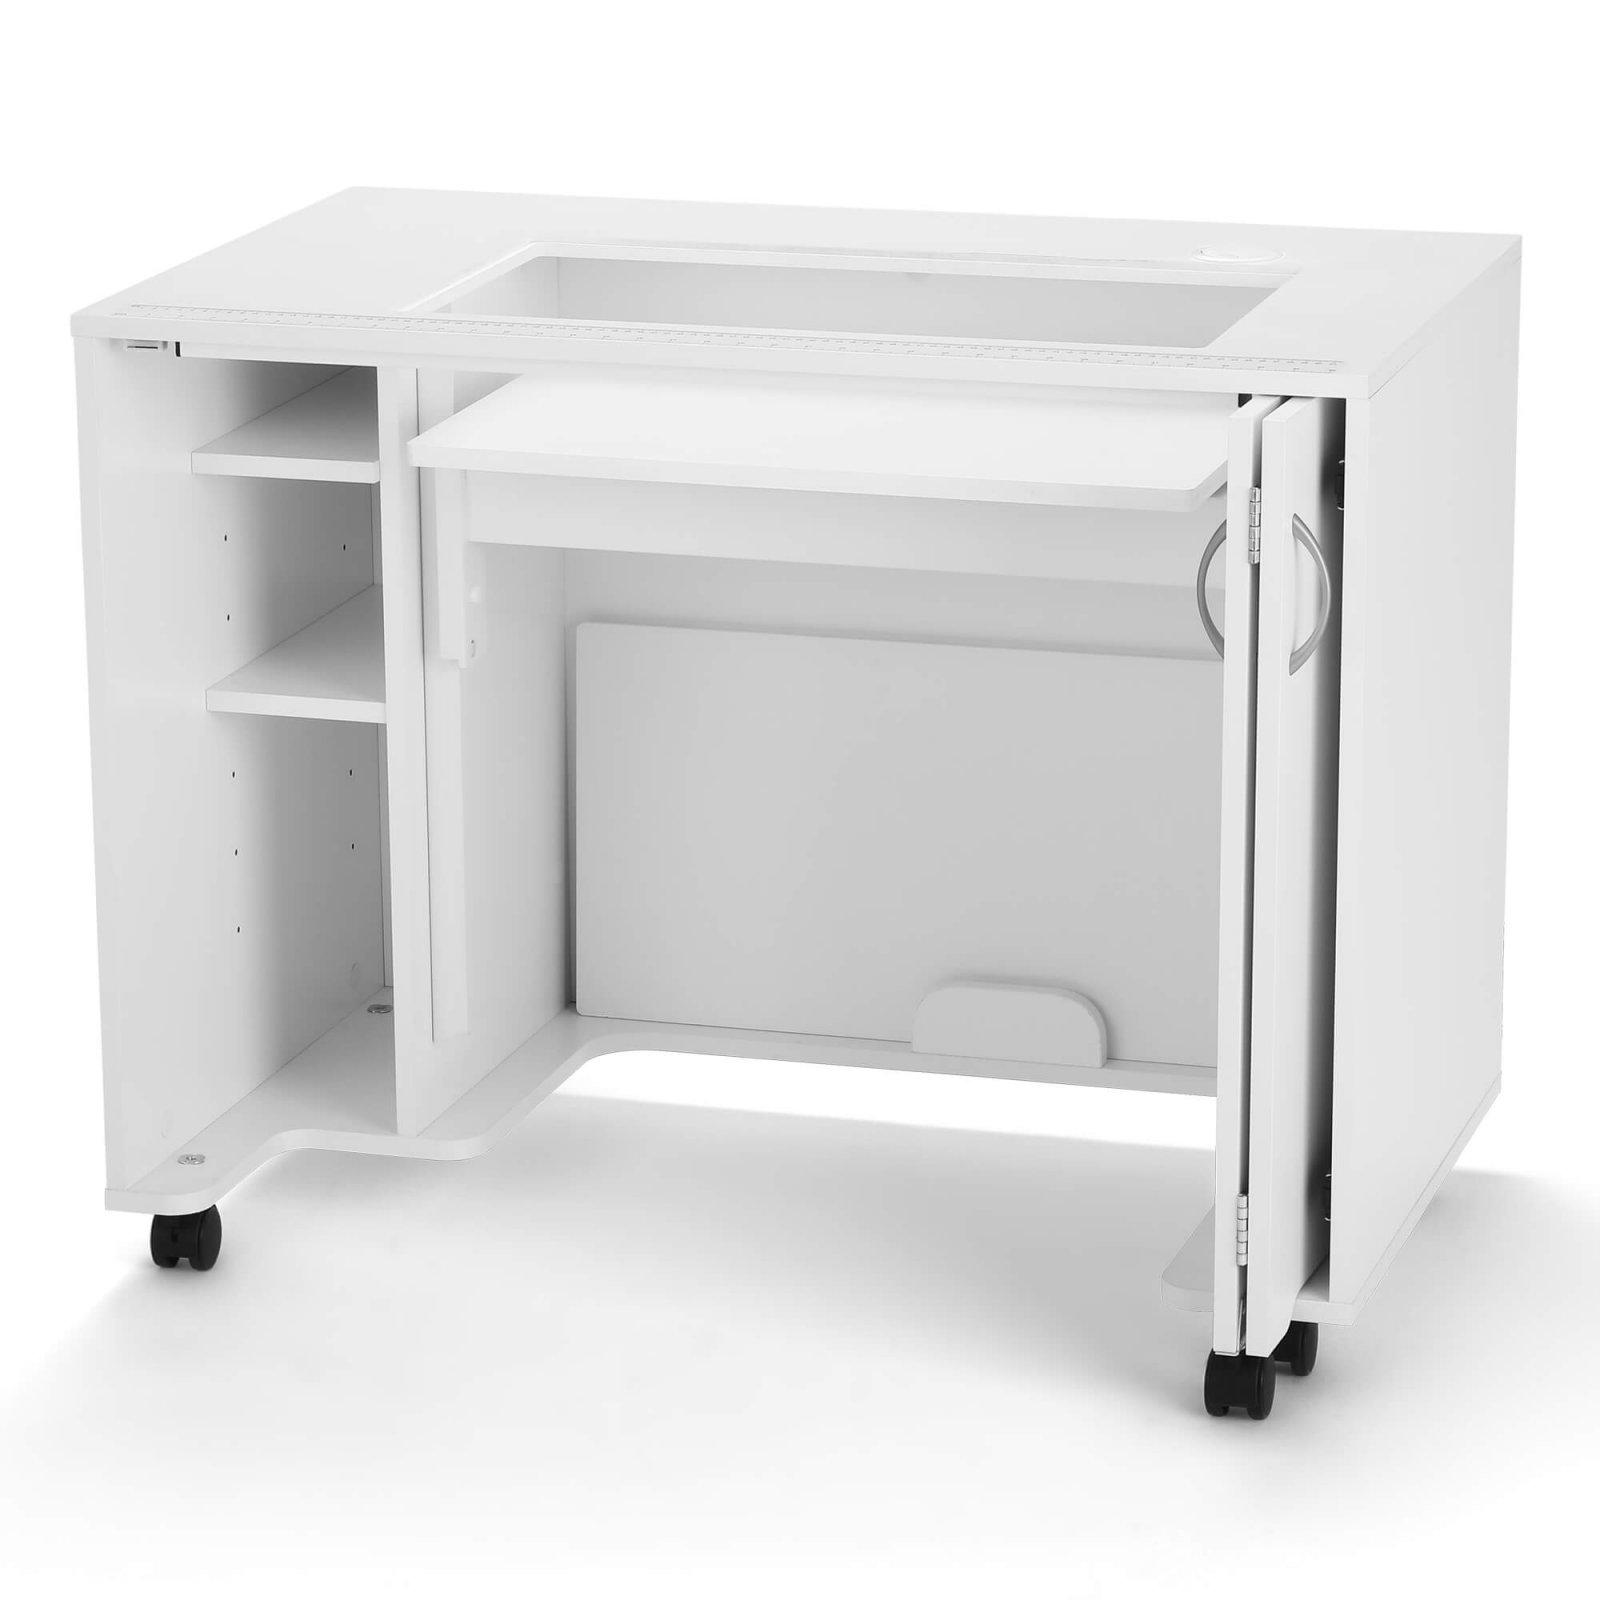 Arrow Mod Hydraulic Lift Cabinet